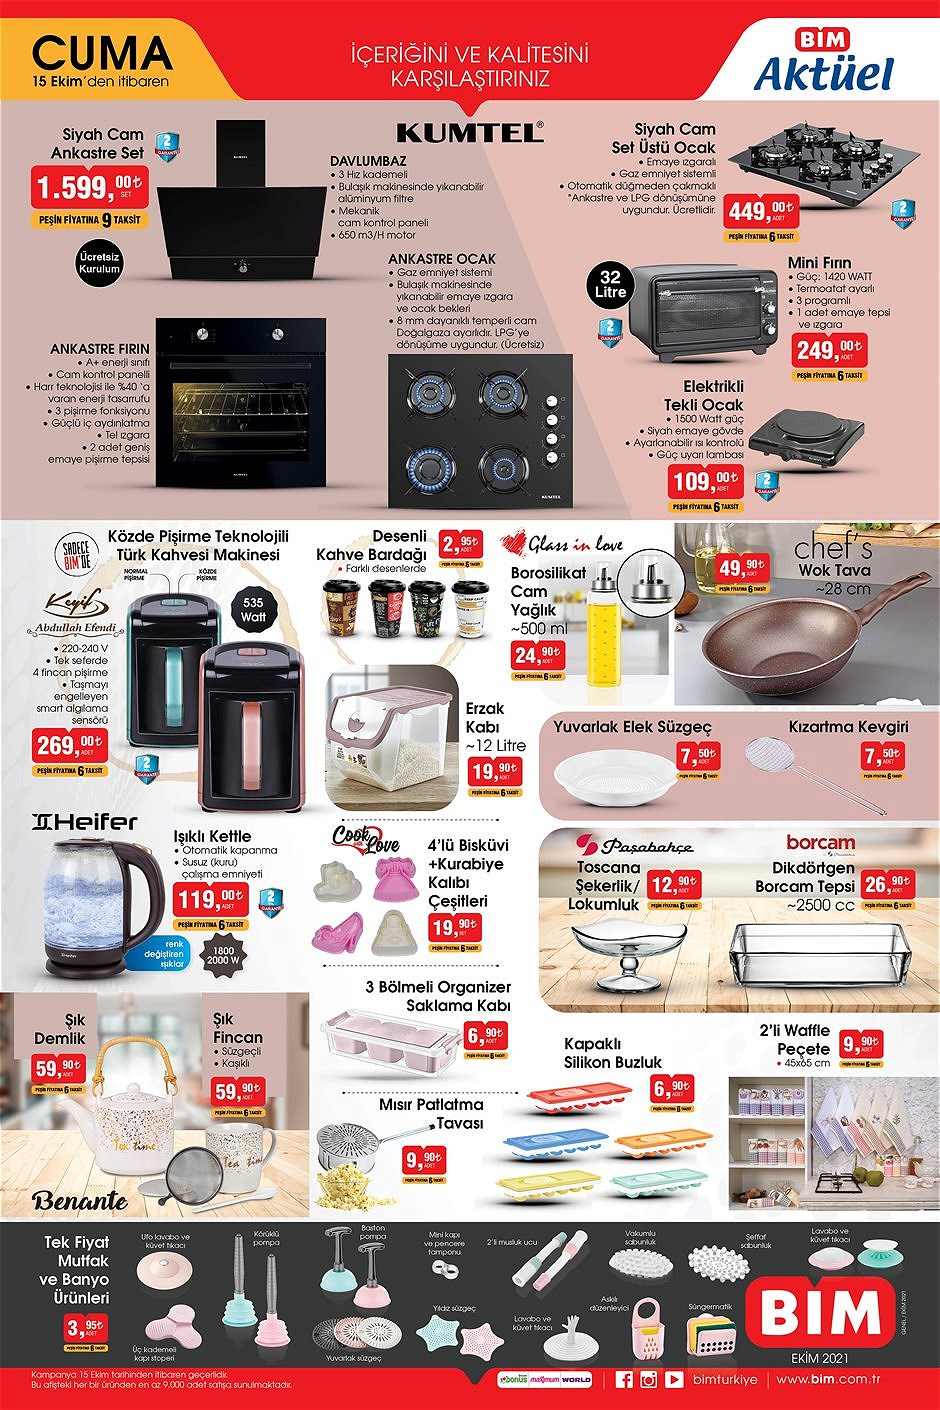 15.10.2021 Bim broşürü 2. sayfa